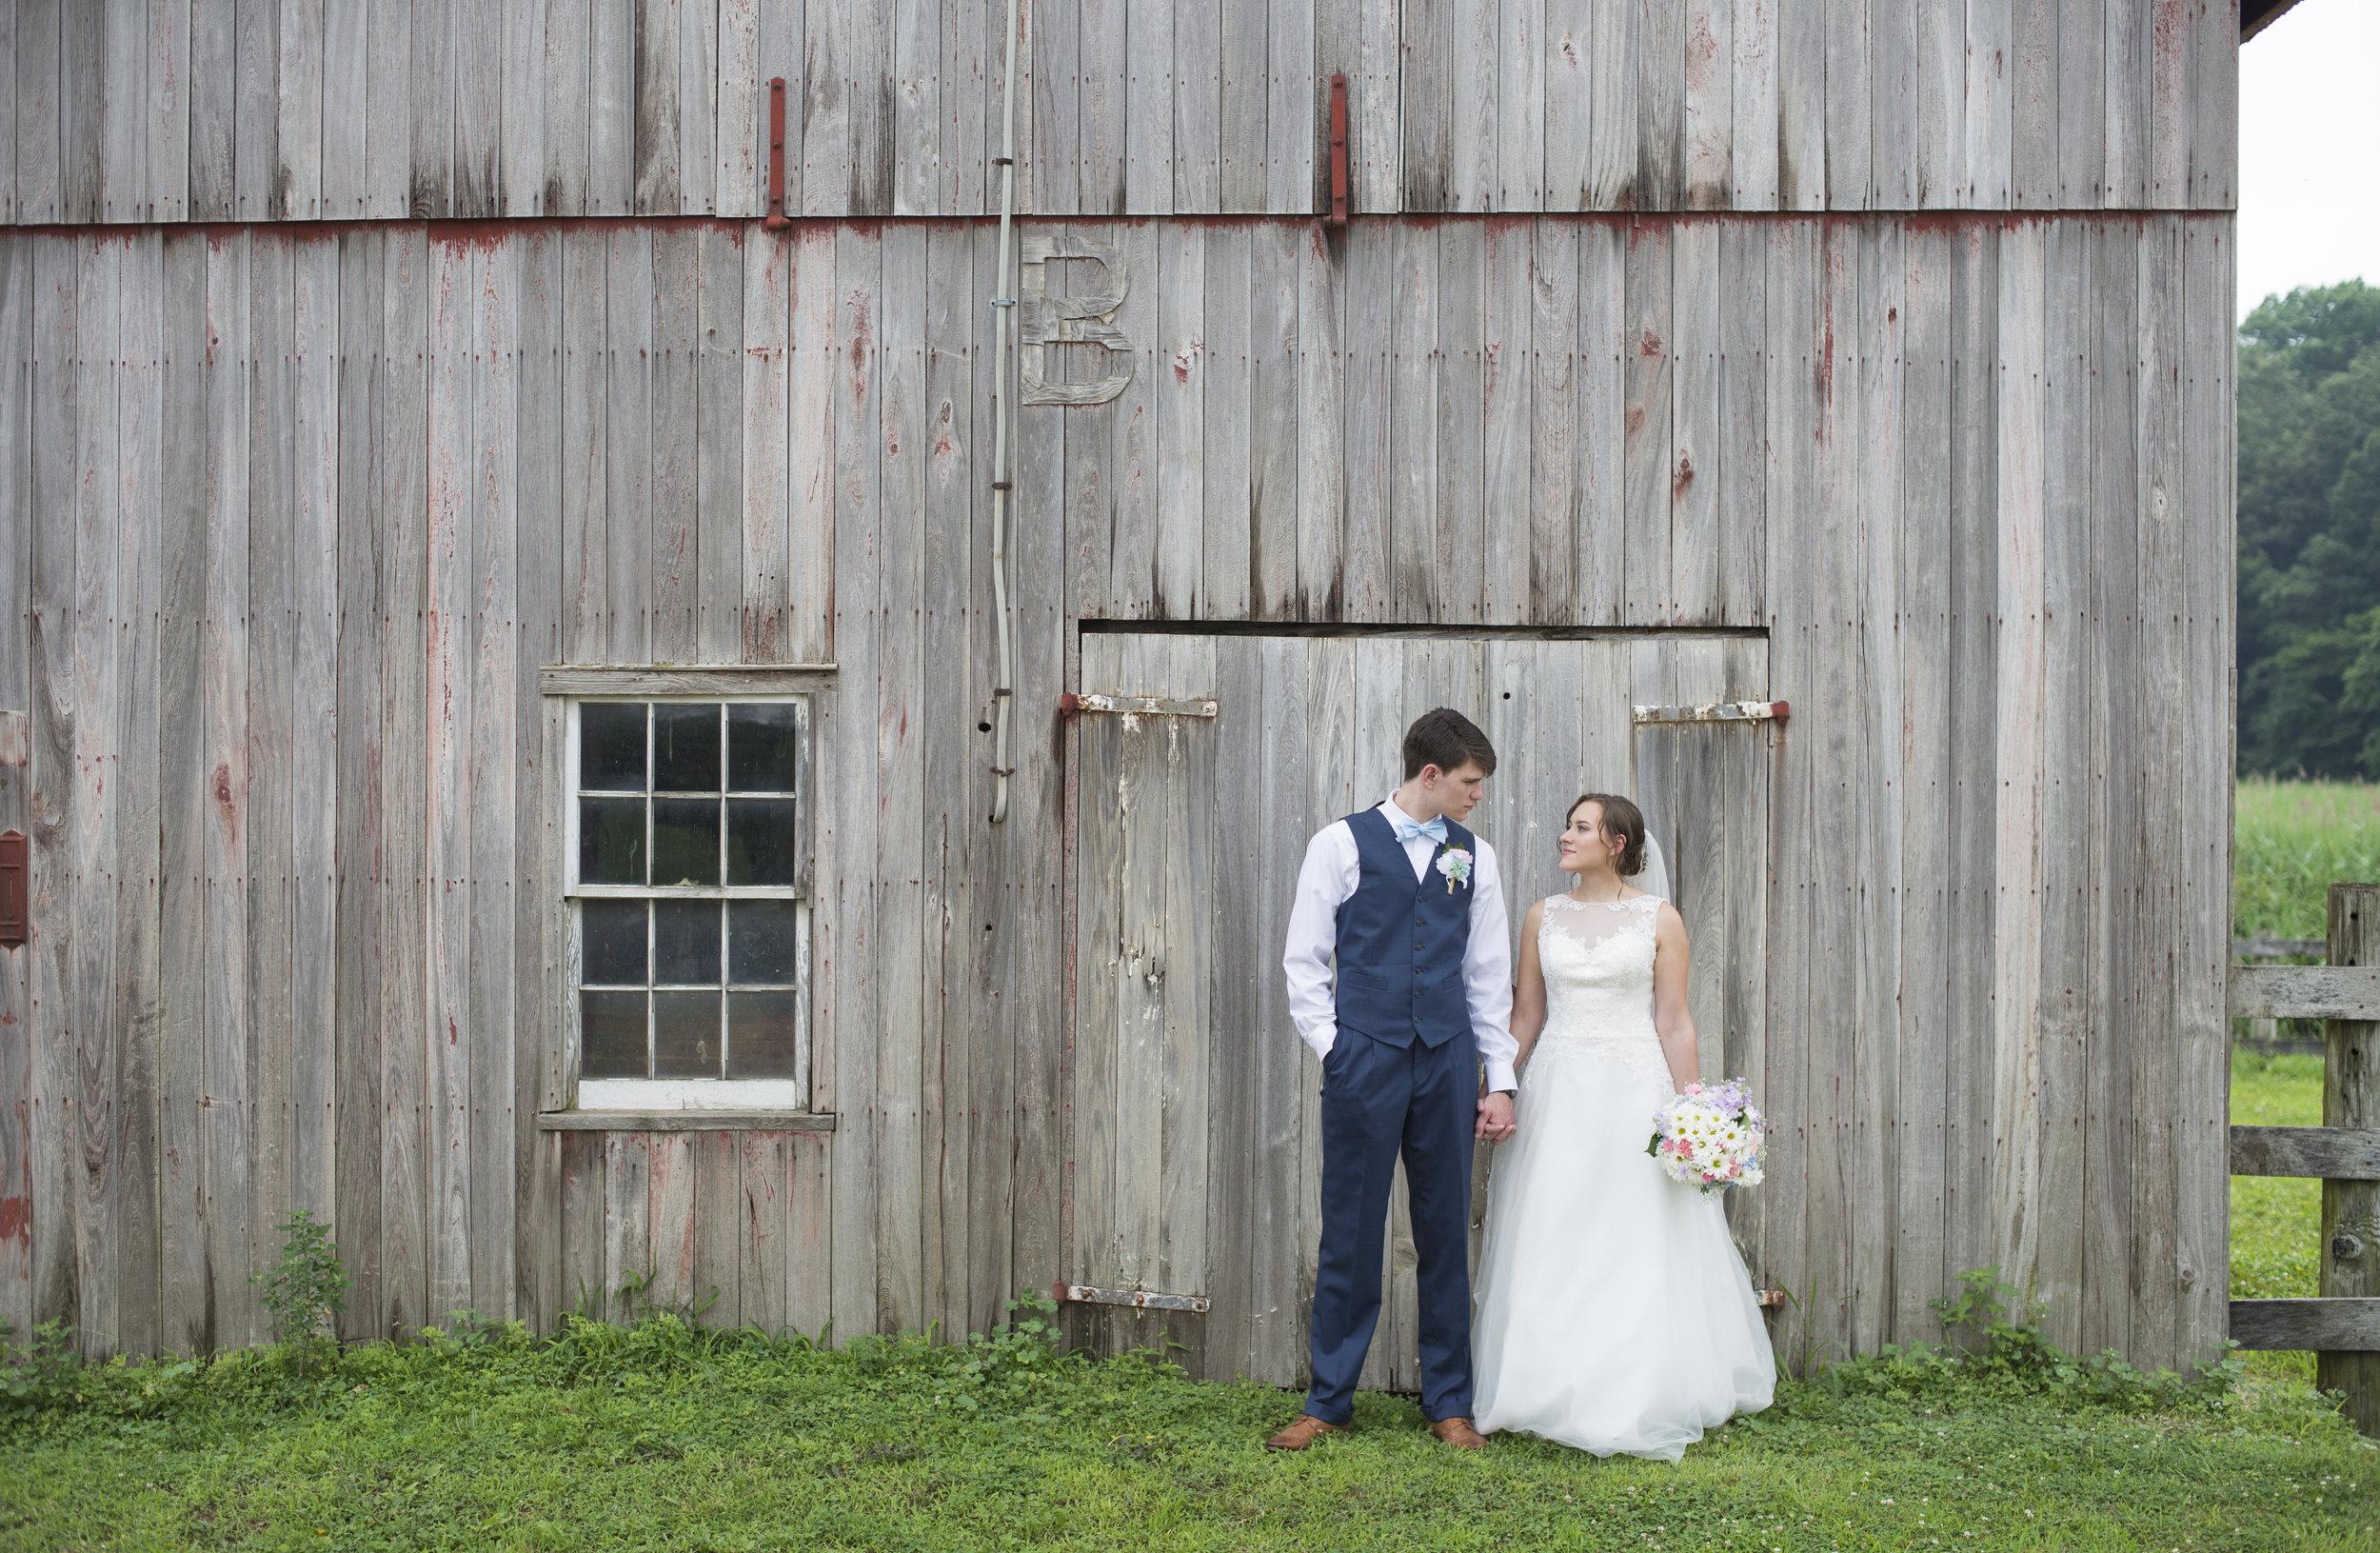 nj-wedding-photographerjpg